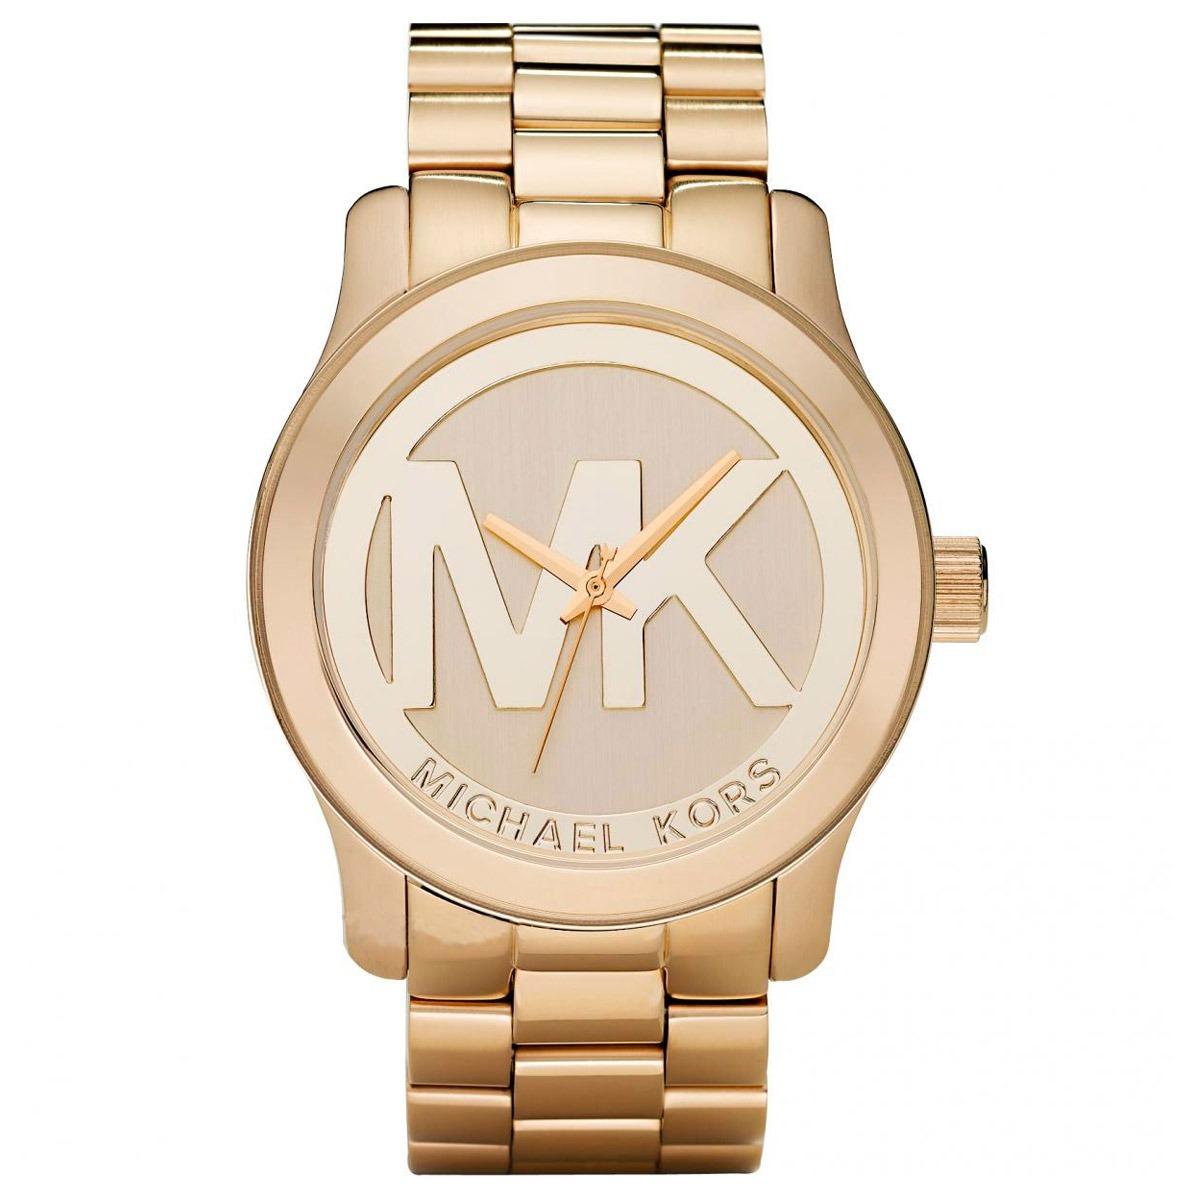 09ba0a6e912 Relógio Michael Kors Feminino - 100% Original - Com Garantia - R  1.050